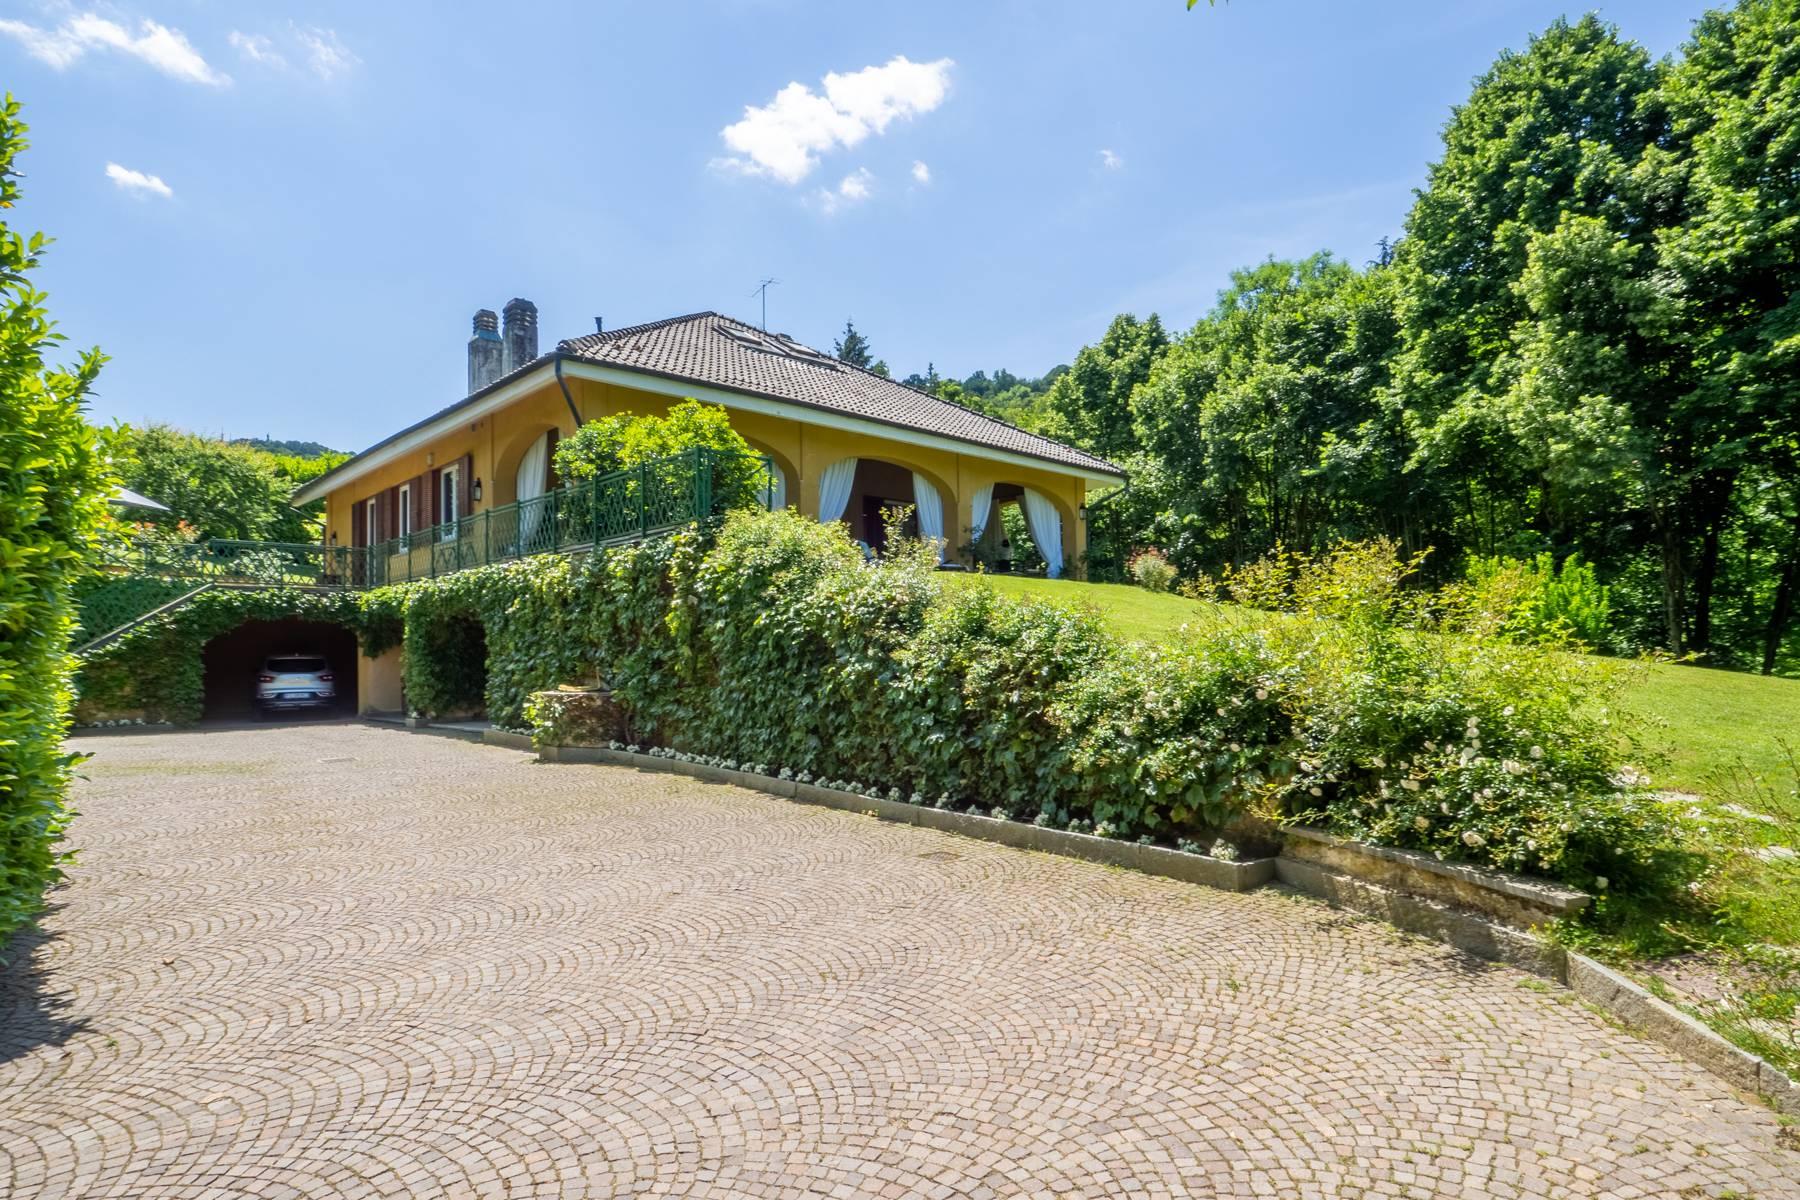 Villa in Vendita a Torino: 5 locali, 500 mq - Foto 2